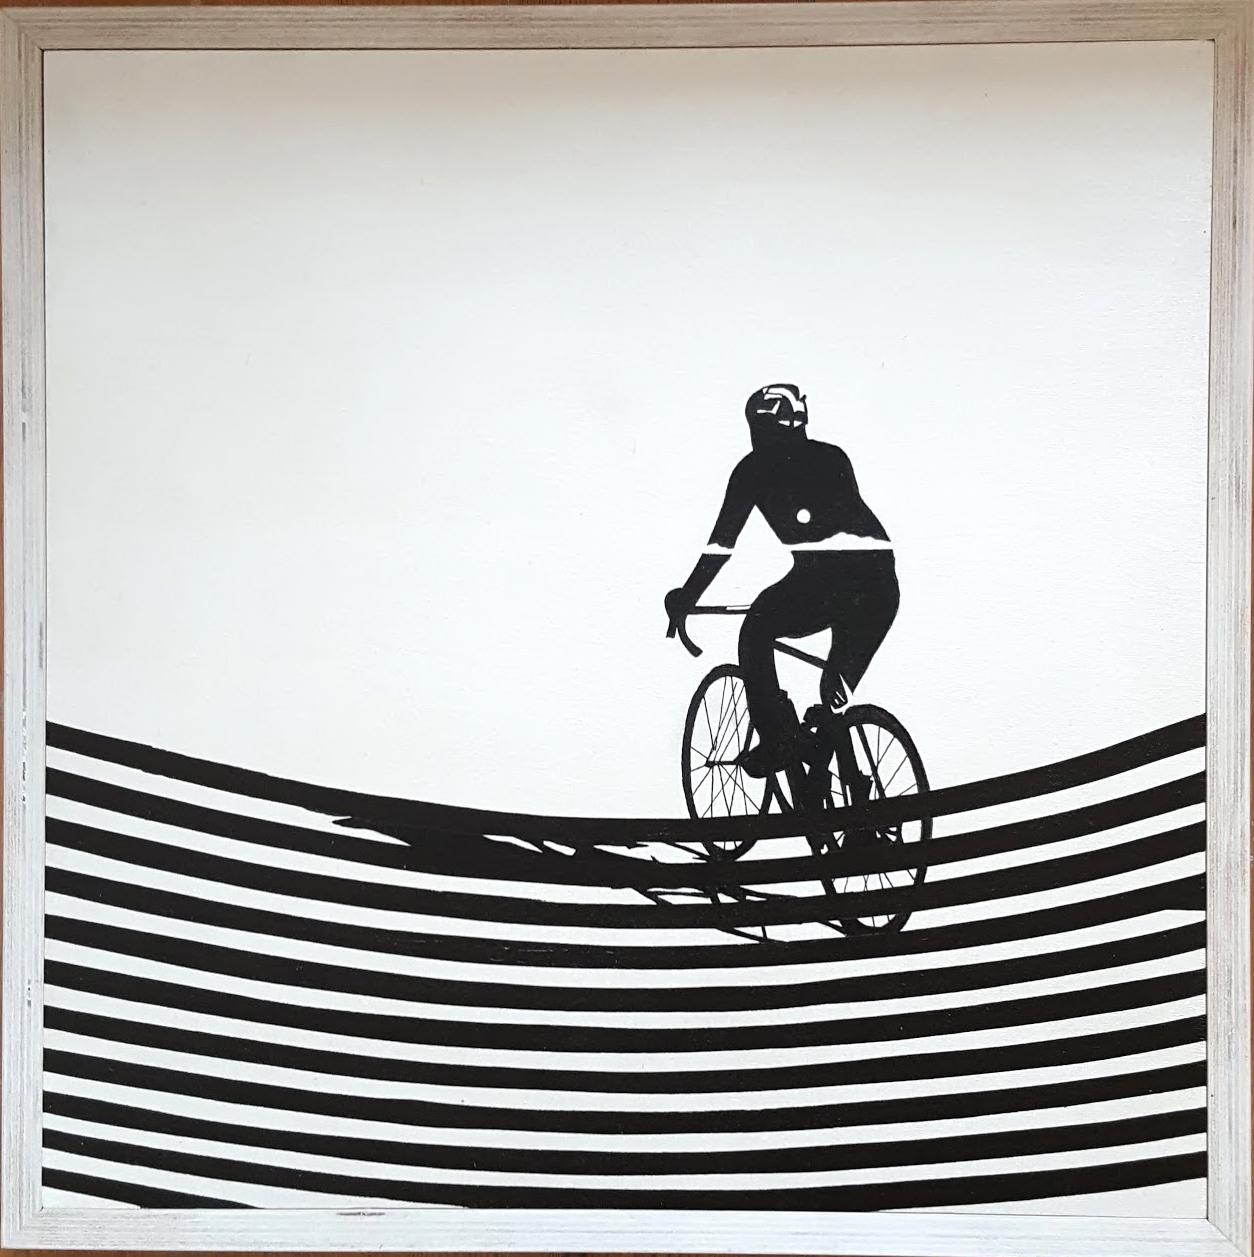 Cyclist by Rennie Pilgrem